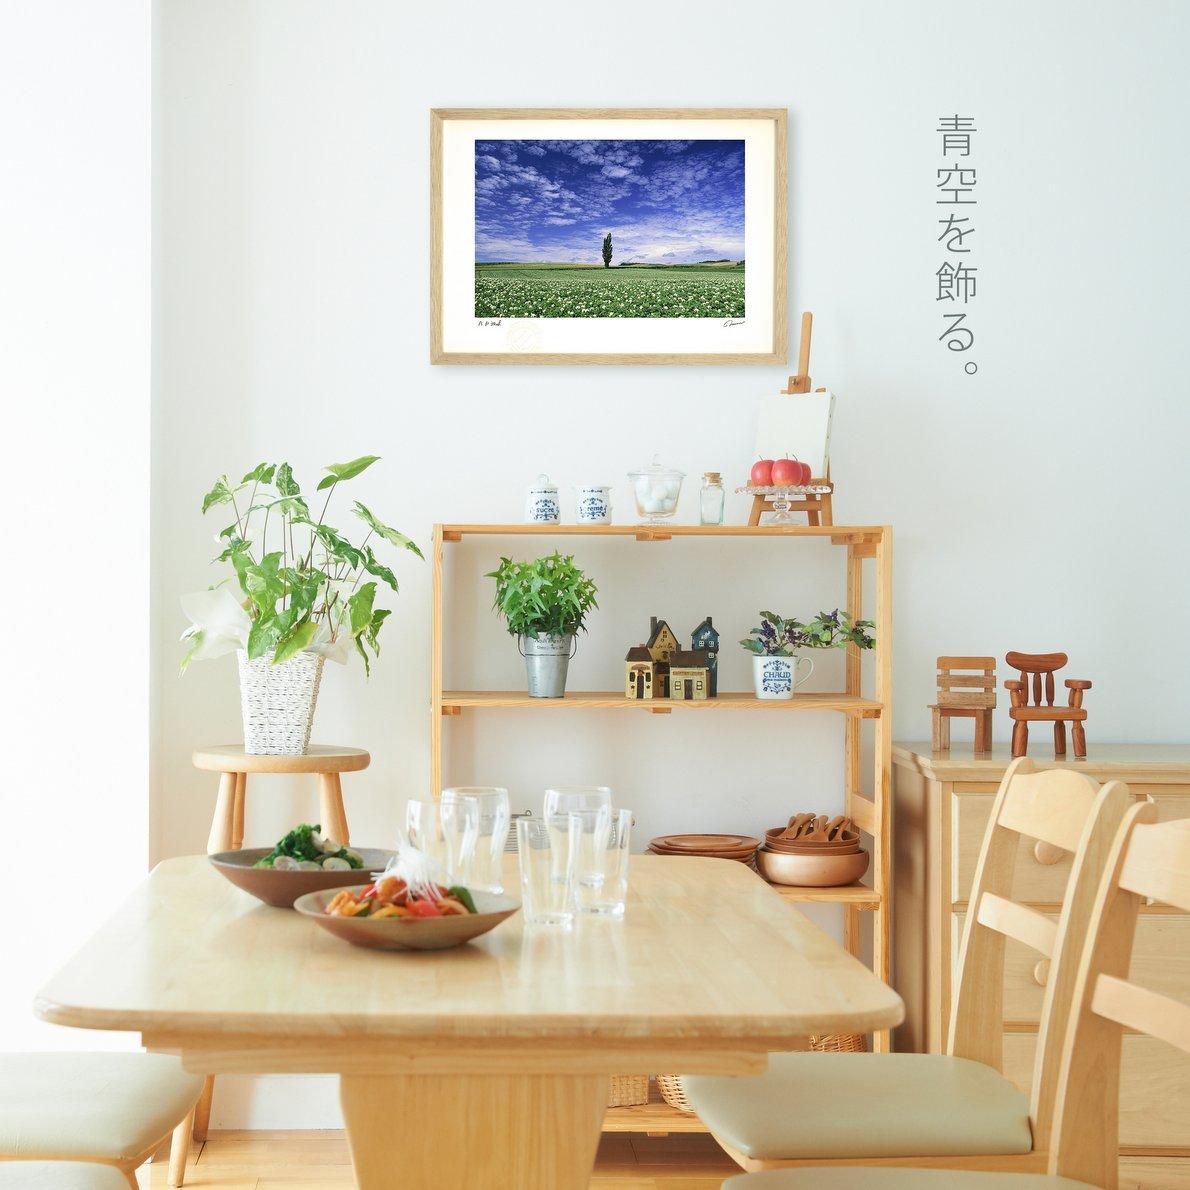 《アートフォト》水滴1/美瑛町〔富良野・高橋真澄〕(レンタル対象)